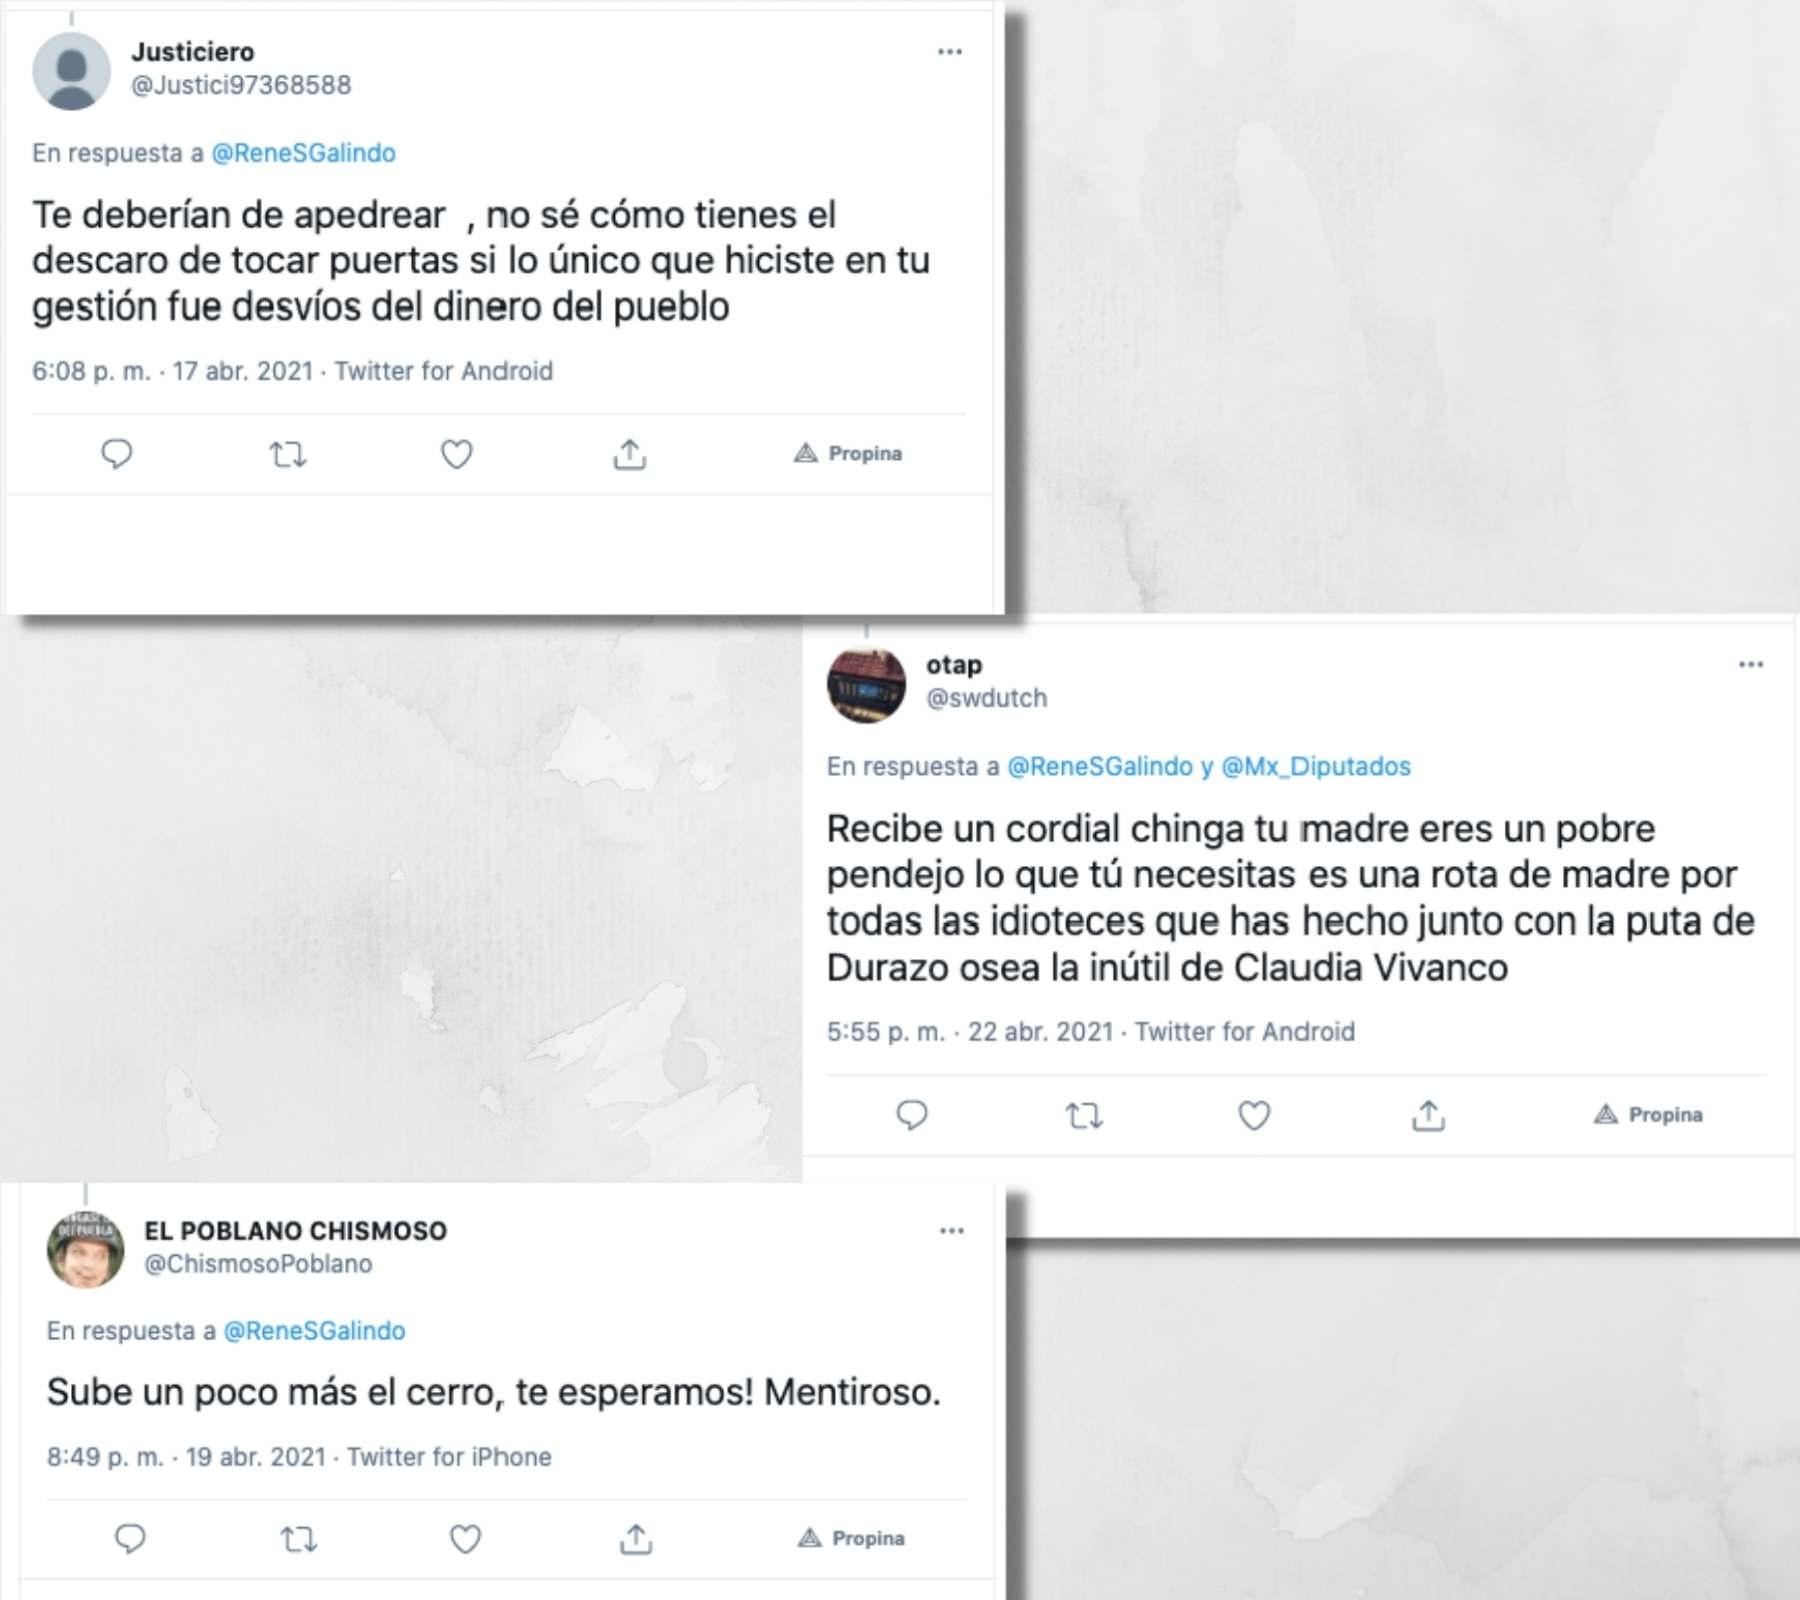 Tuits con amenazas al candidato René Sánchez Galindo